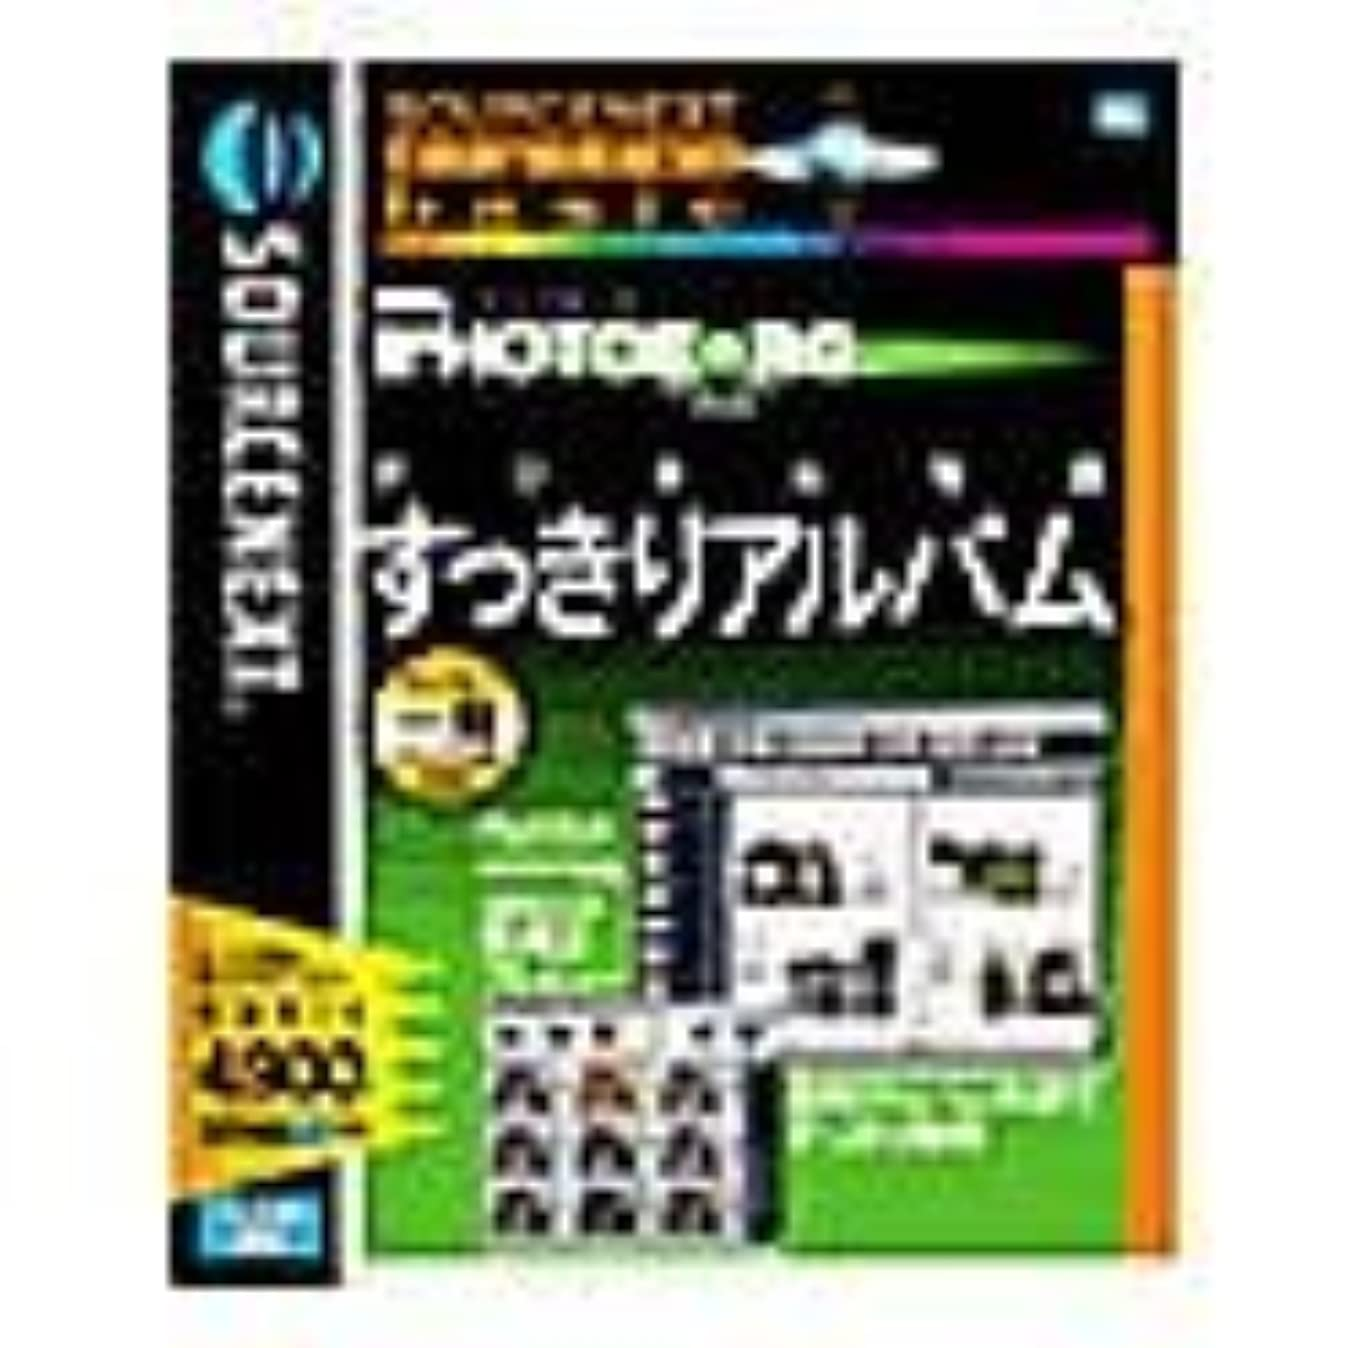 ガイド変形する放射するSOURCENEXT digital basic Photoborg デジタル写真 すっきりアルバム